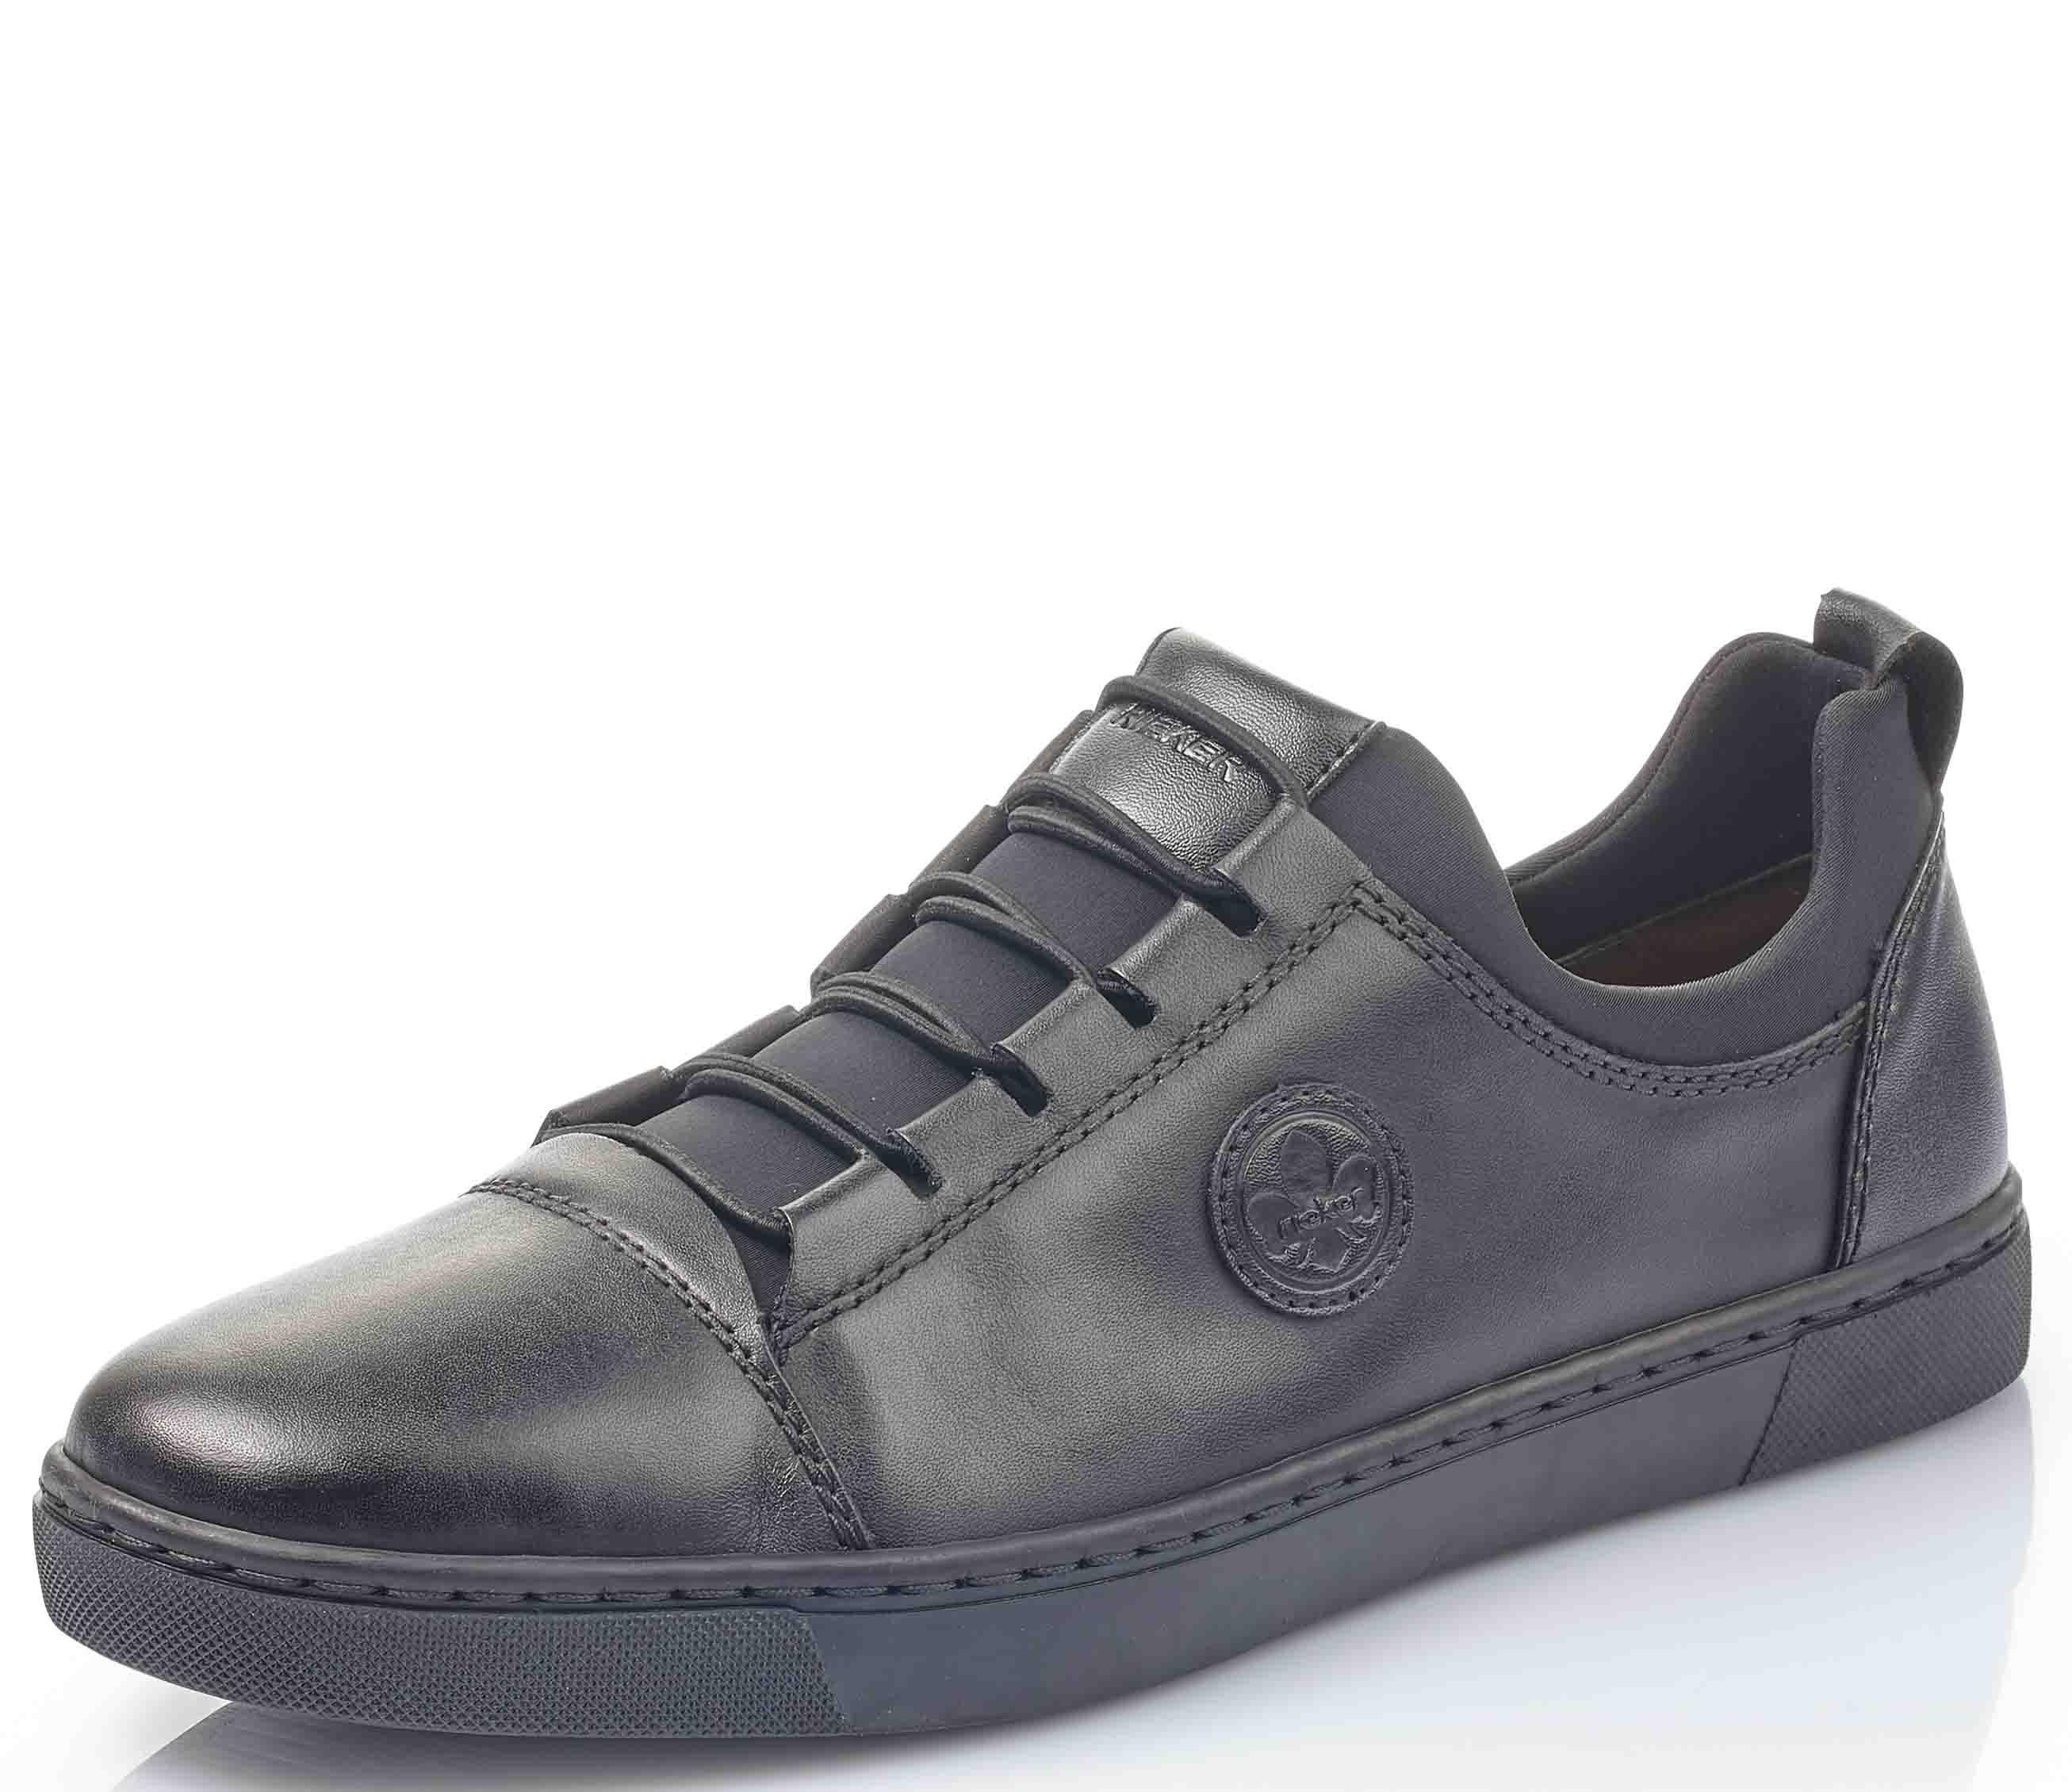 B1873/00 zapatos para hombre Rieker Marca DEKABR, mocasines suaves de estilo veraniego a la moda para hombres, zapatos de piel auténtica de alta calidad, zapatos planos para hombres, zapatos de conducción Gommino